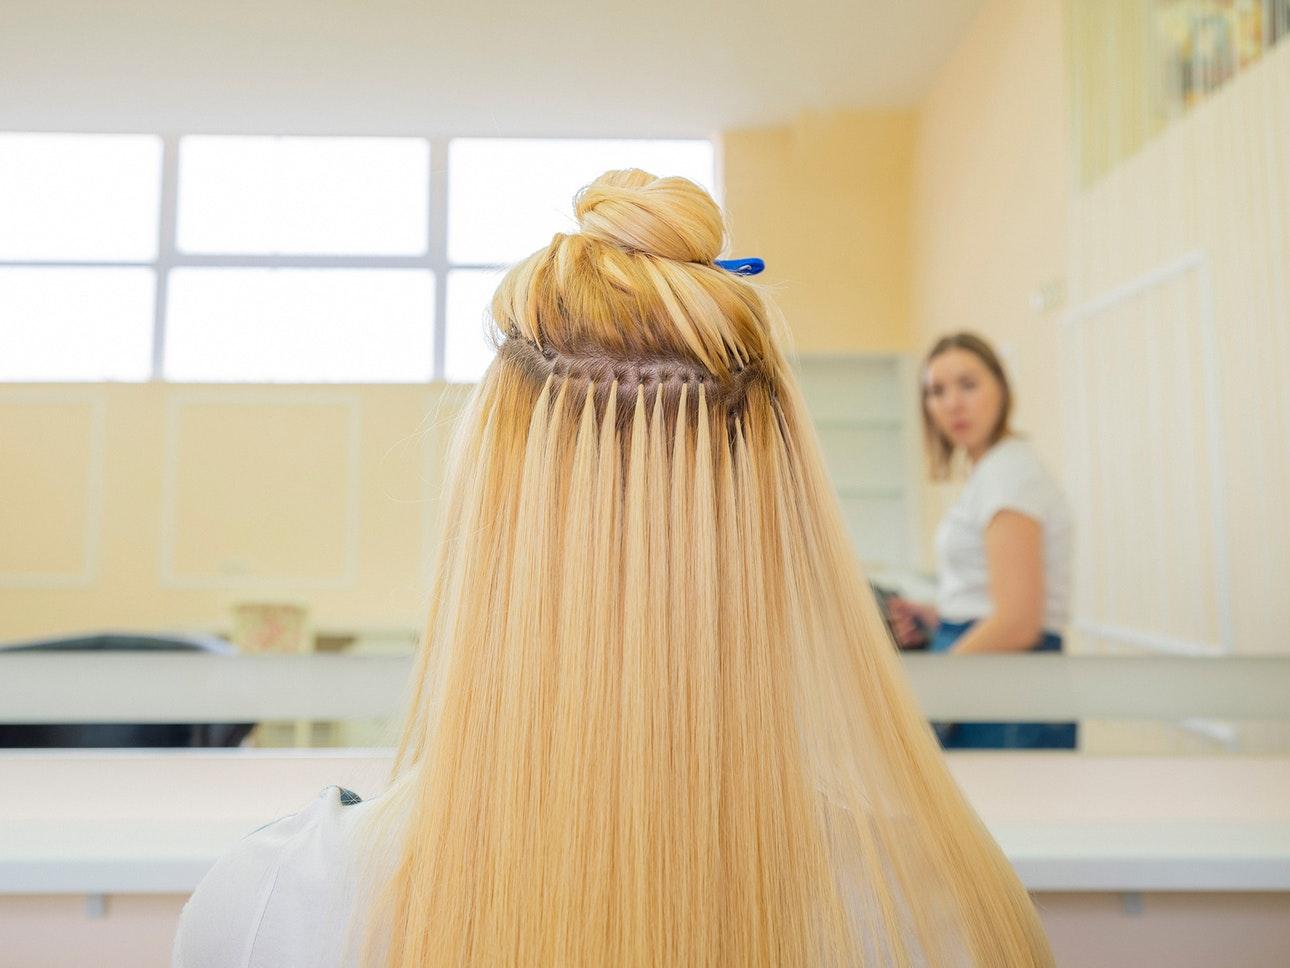 Где продавцы берут натуральные волосы